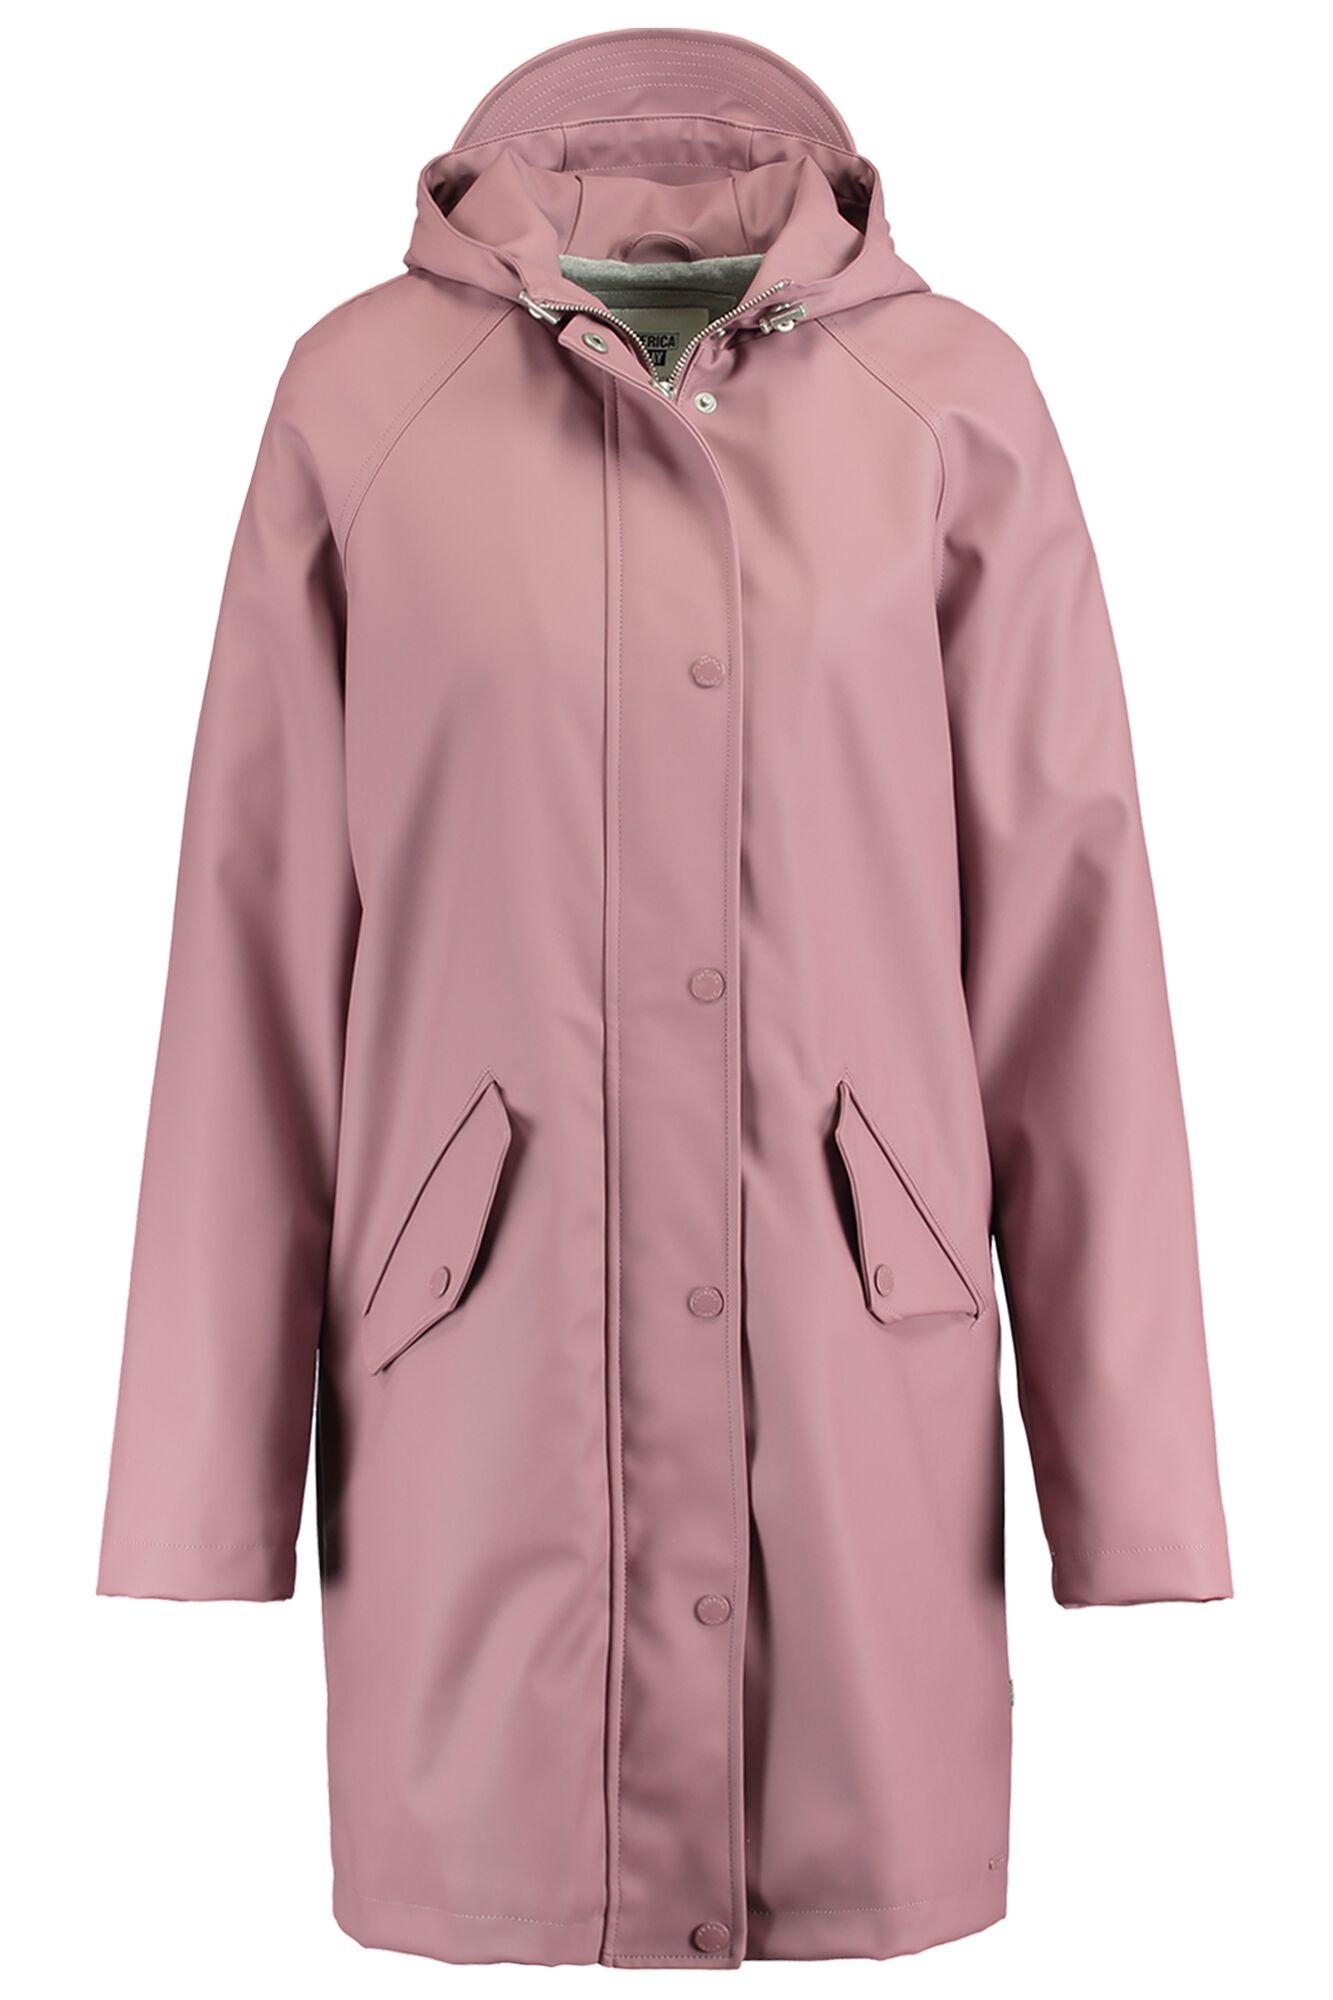 ee0f8d13b Women Rain jacket Janet Long Orange Buy Online